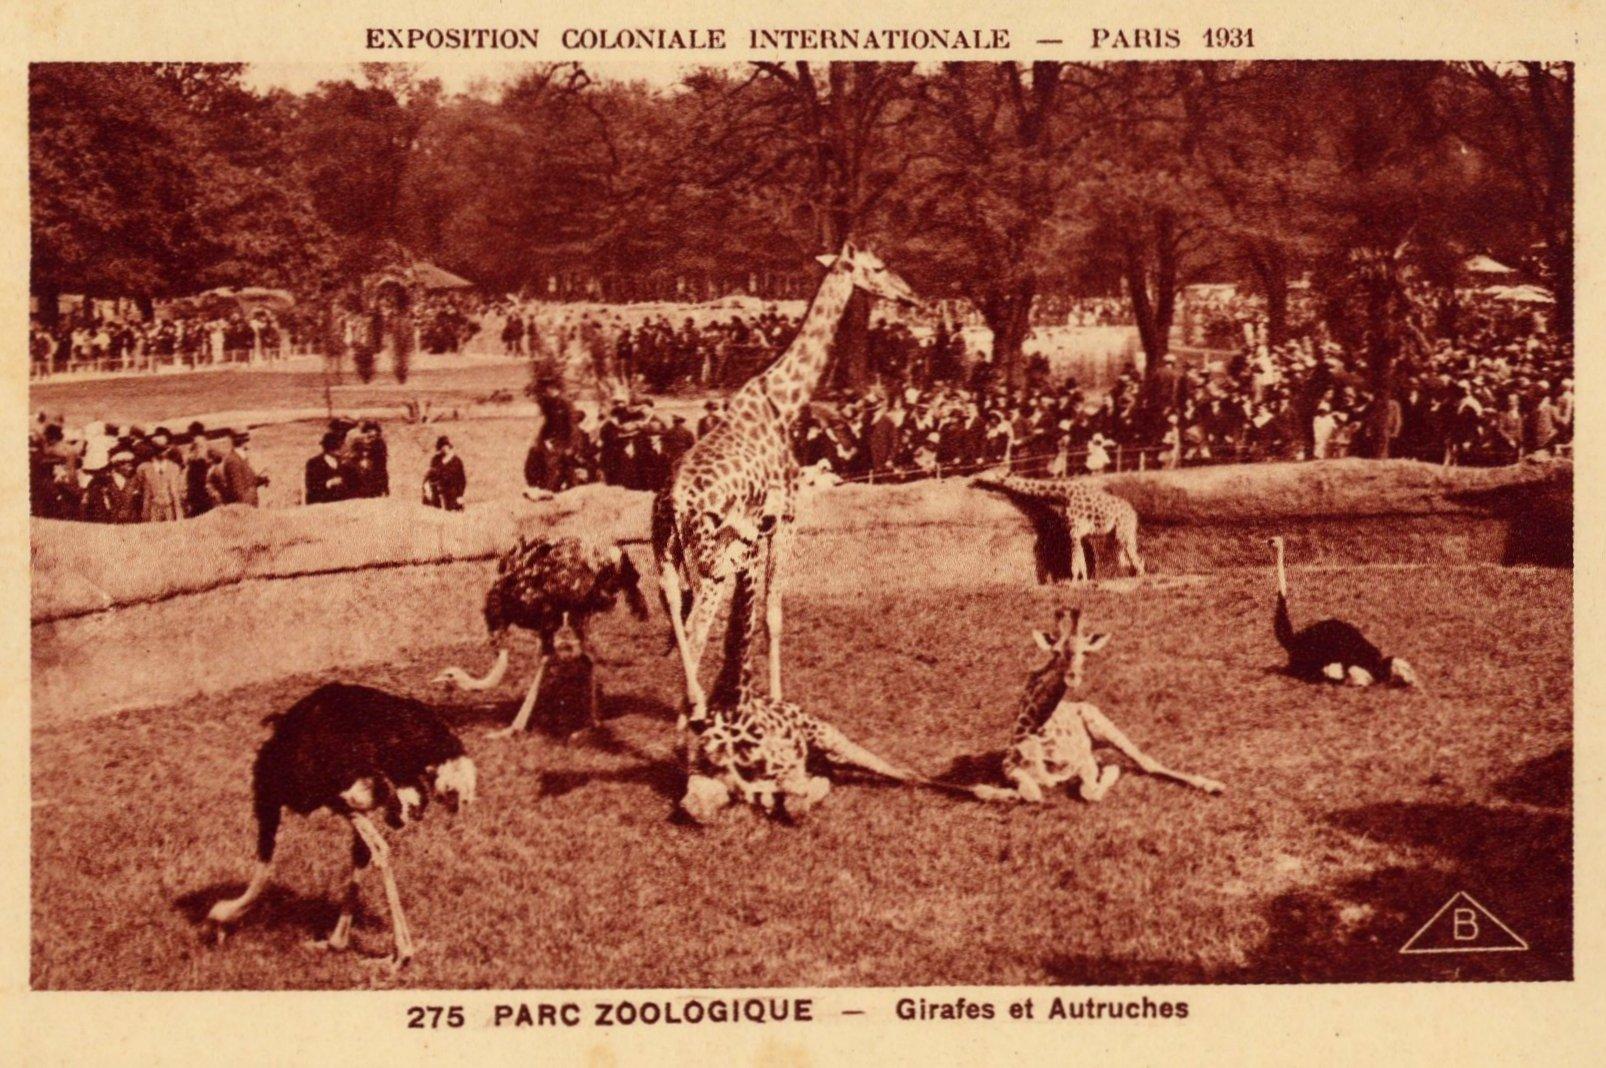 Expo_1931_Zoo1